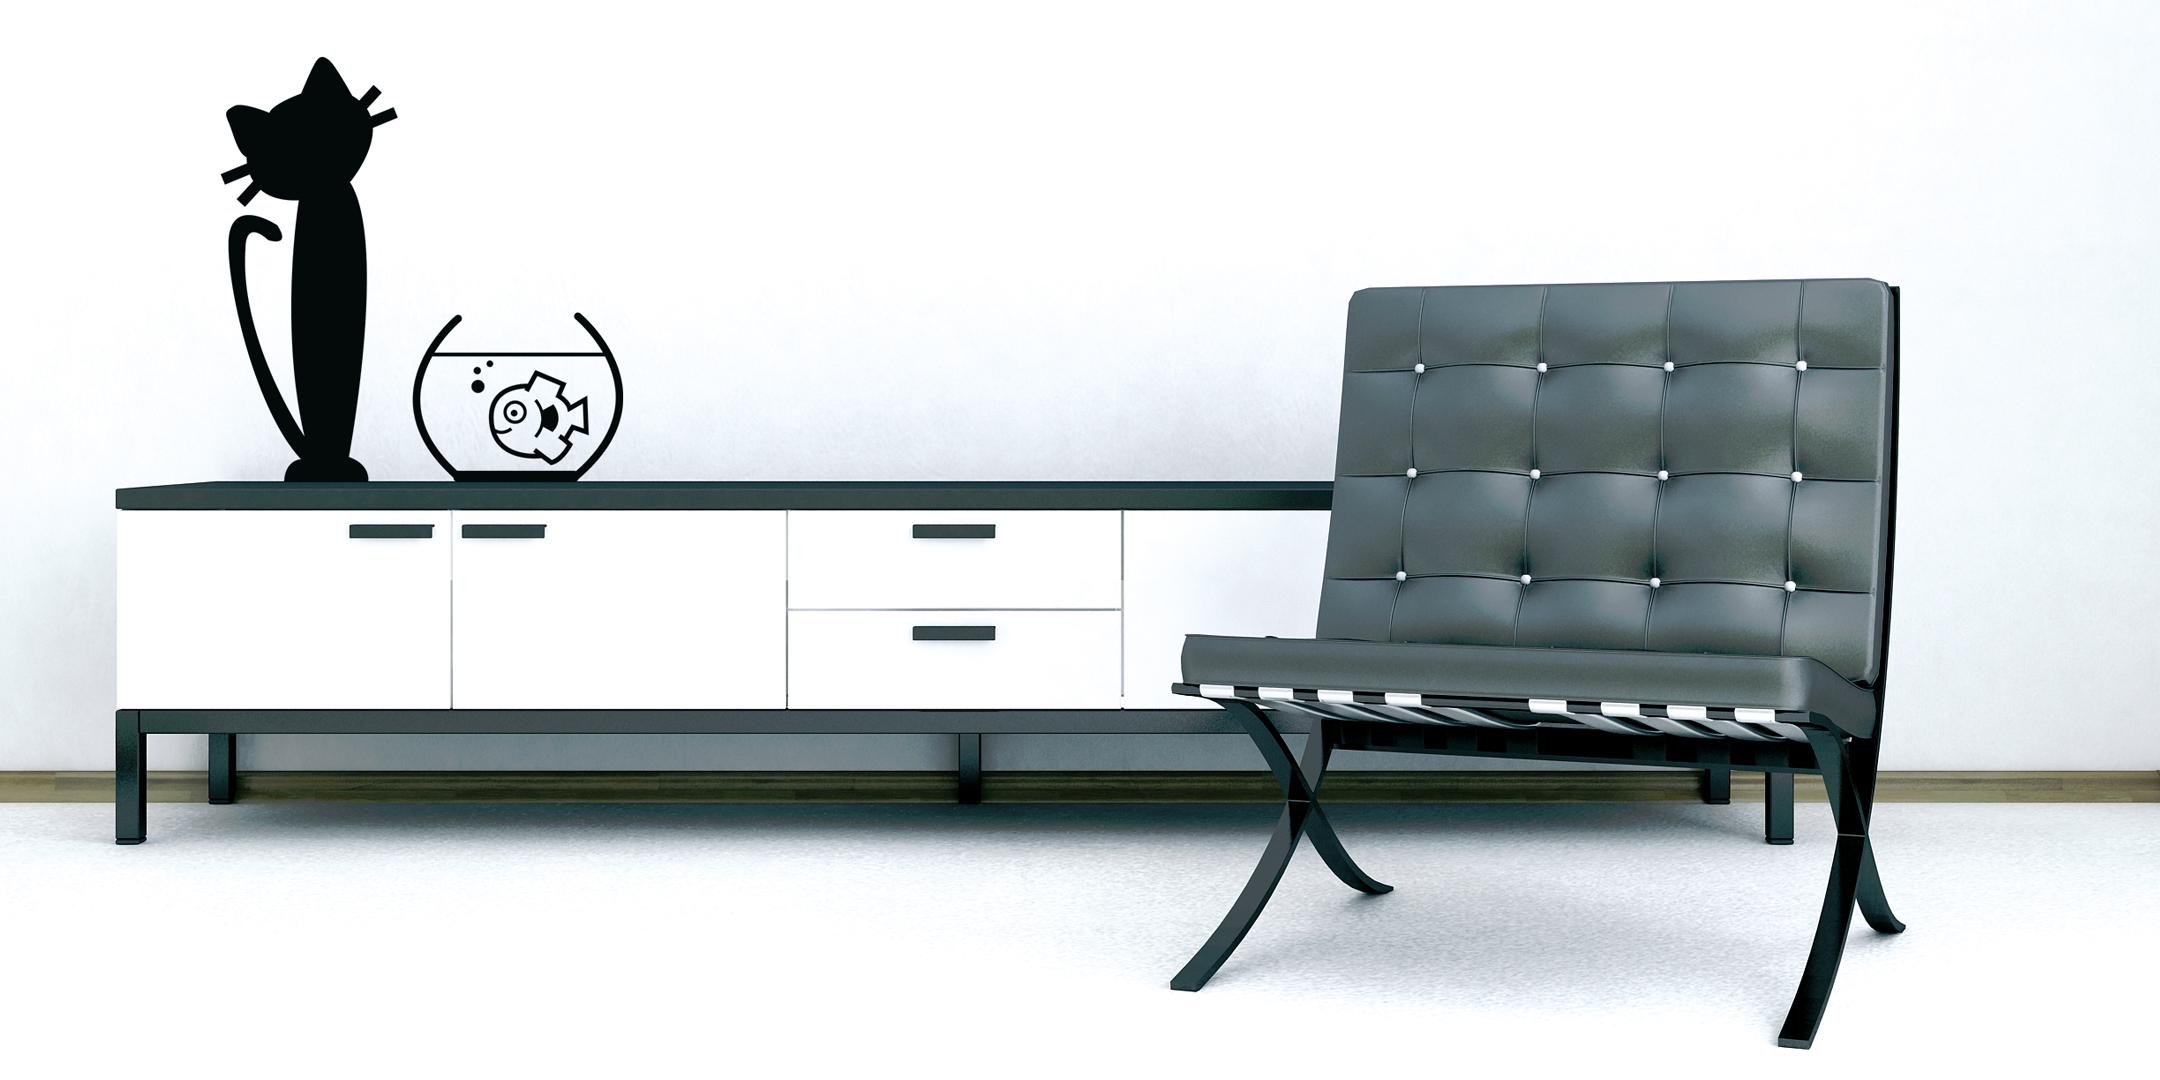 Décor de mise en situation d'un sticker chat de Méchant Vinyl dans un salon avec une commode et une fauteuil noir